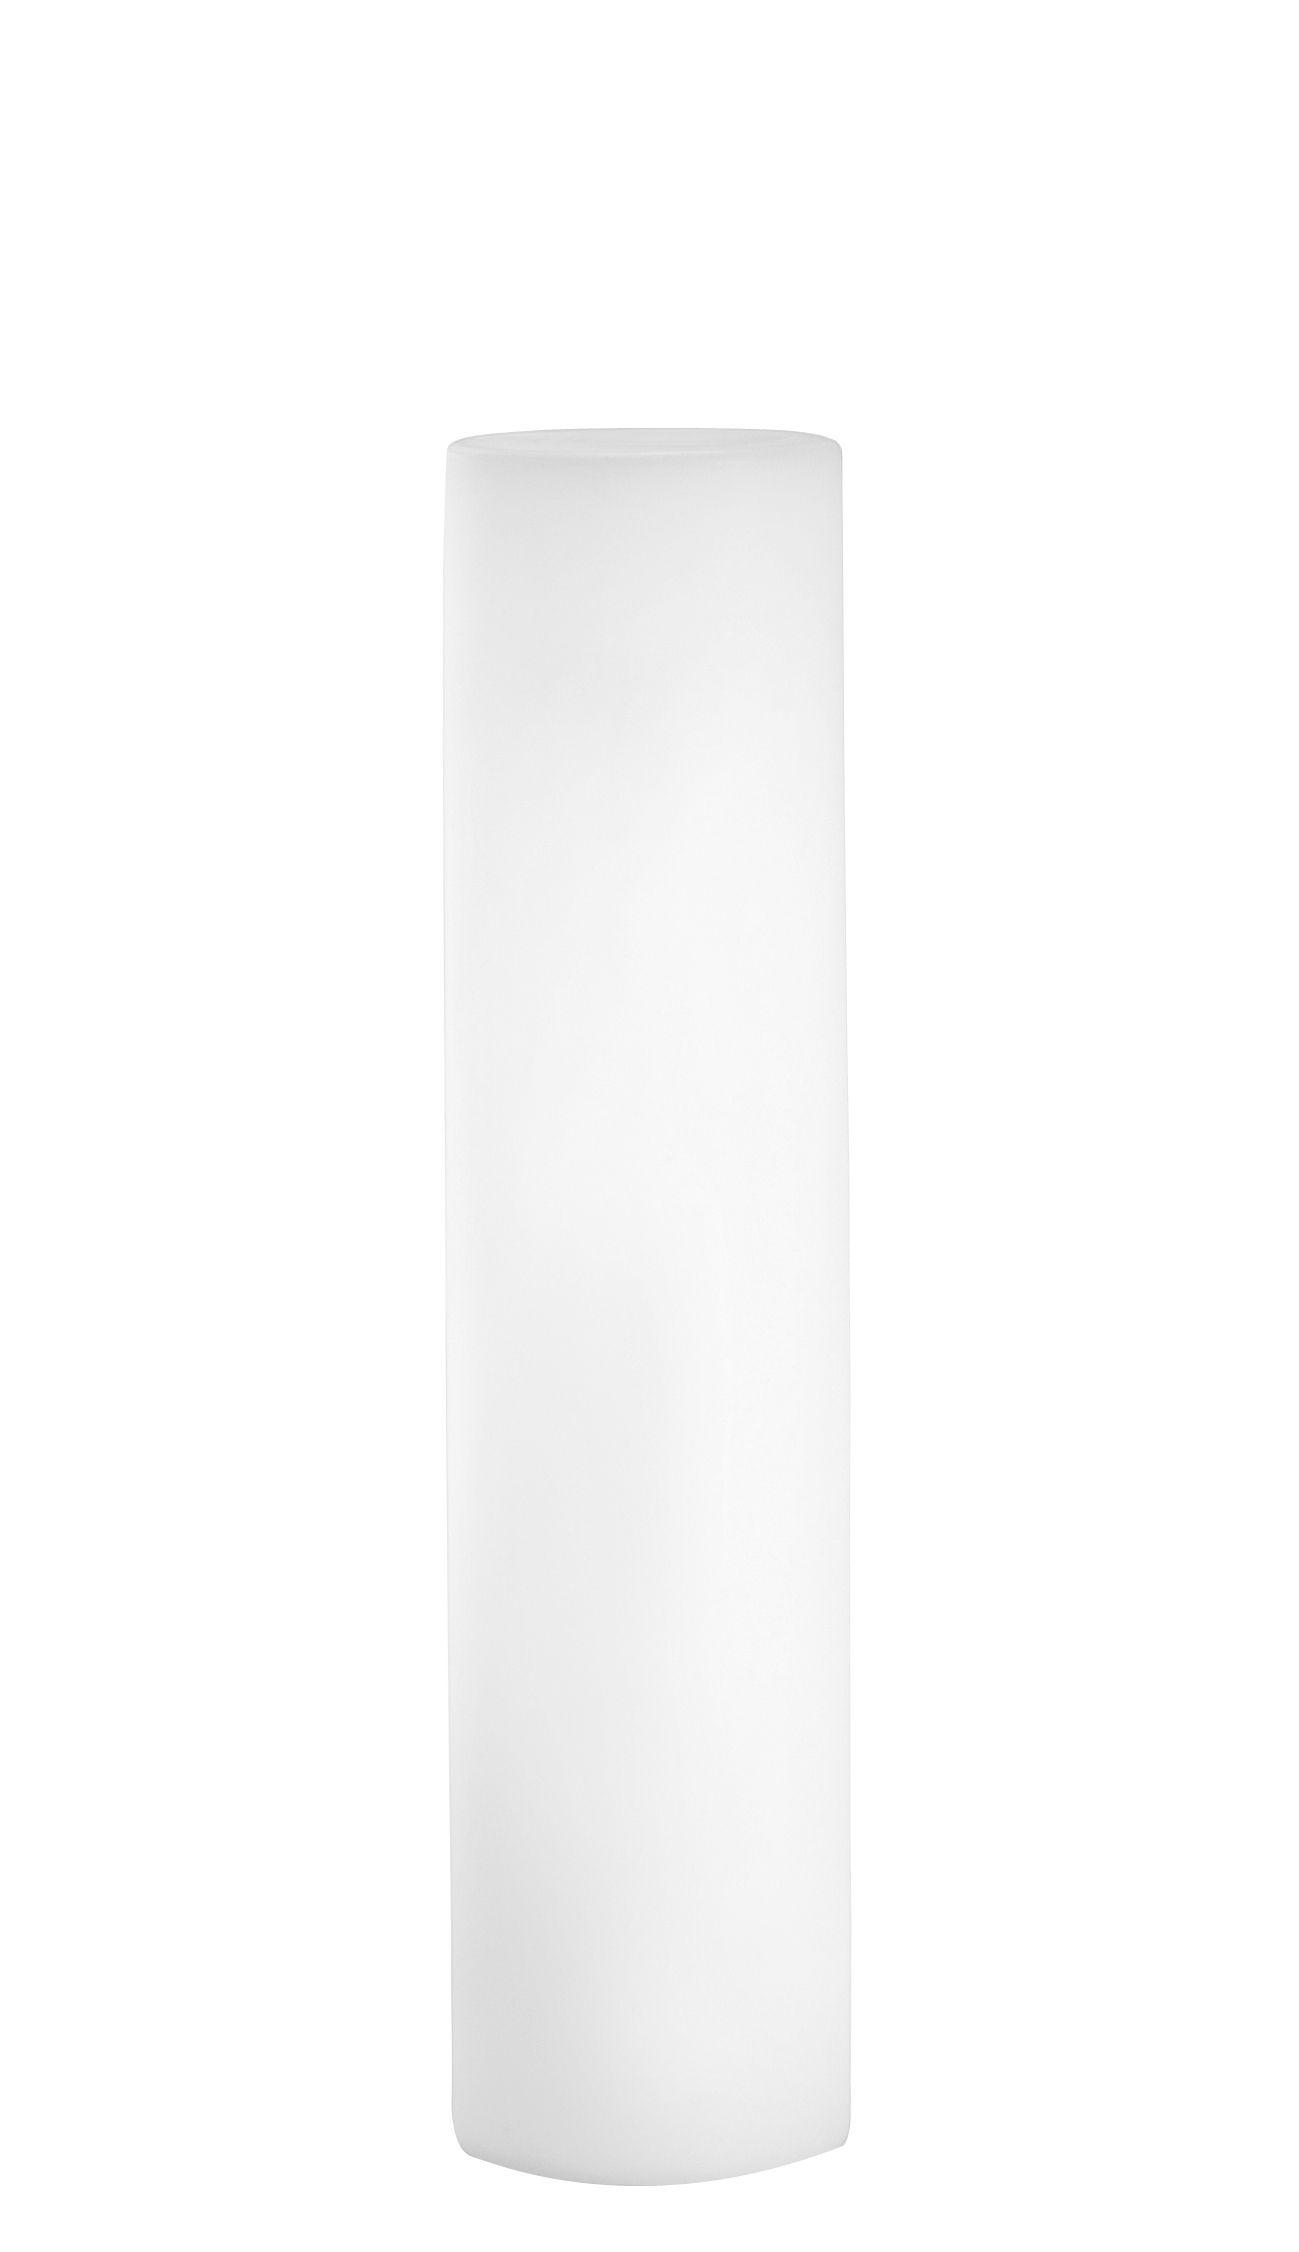 Luminaire - Lampadaires - Lampadaire Fluo - Slide - Blanc - H 130 cm - Polyéthylène